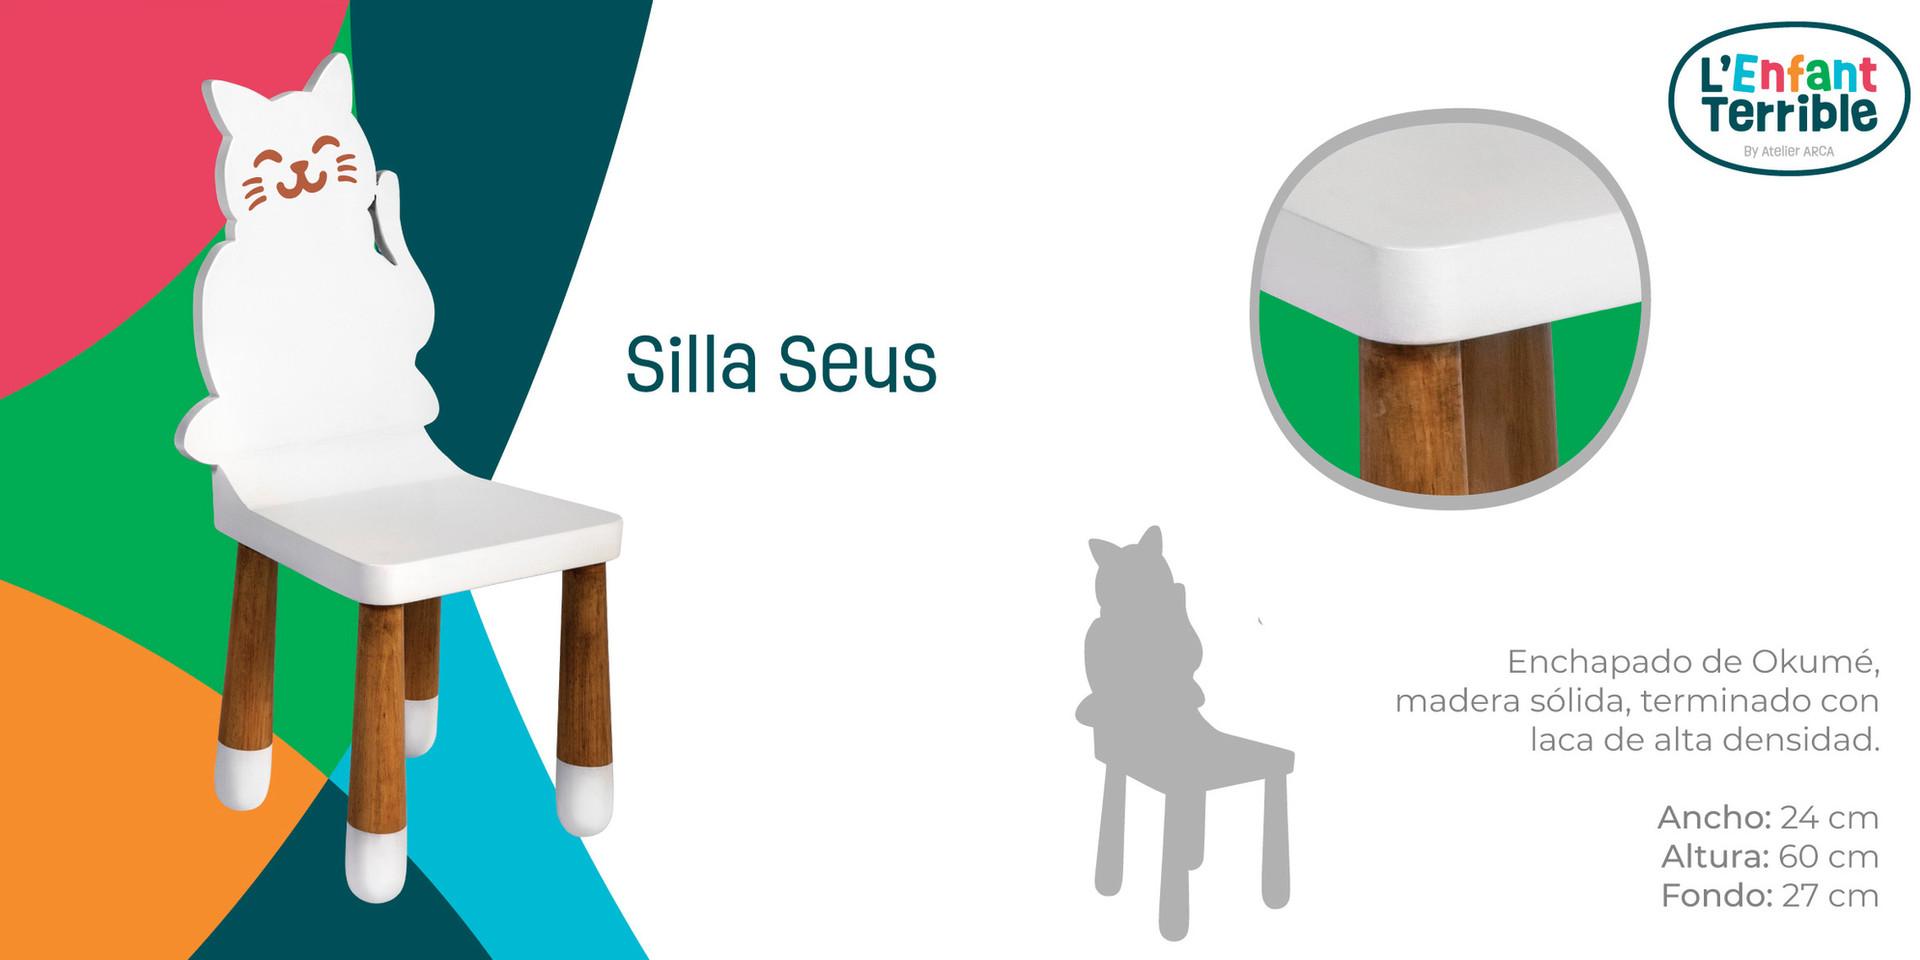 Silla Seus